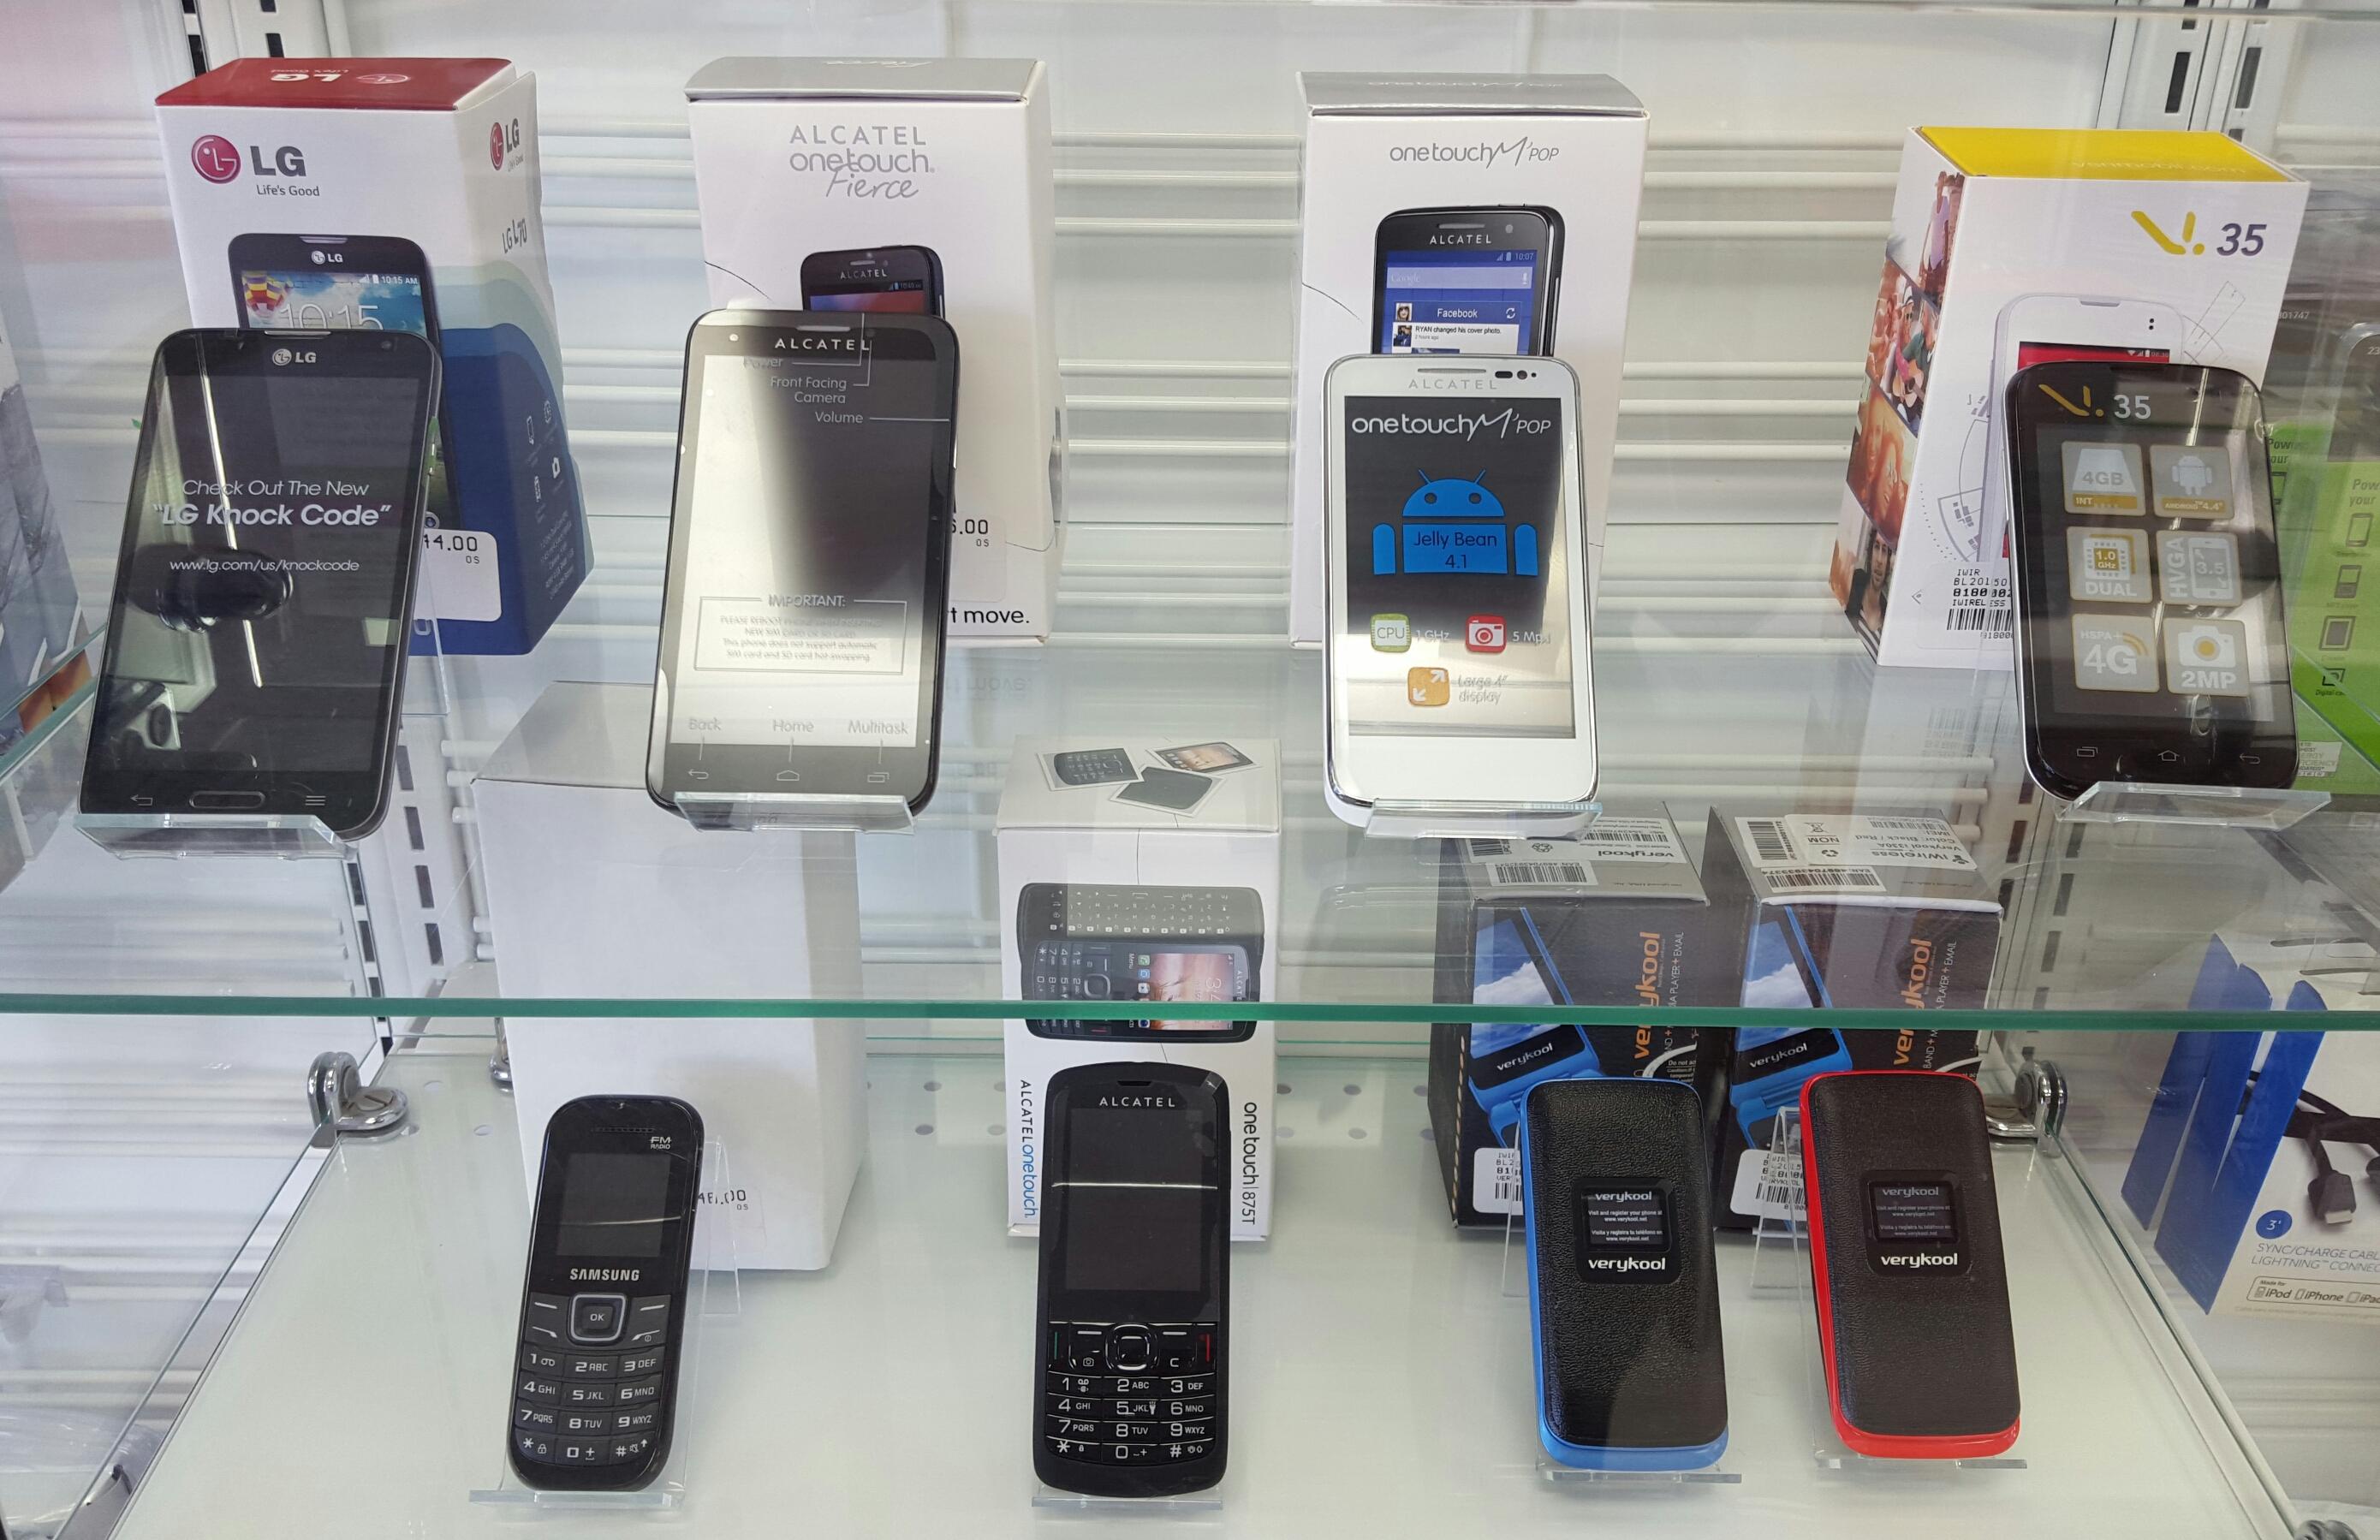 iwireless phones